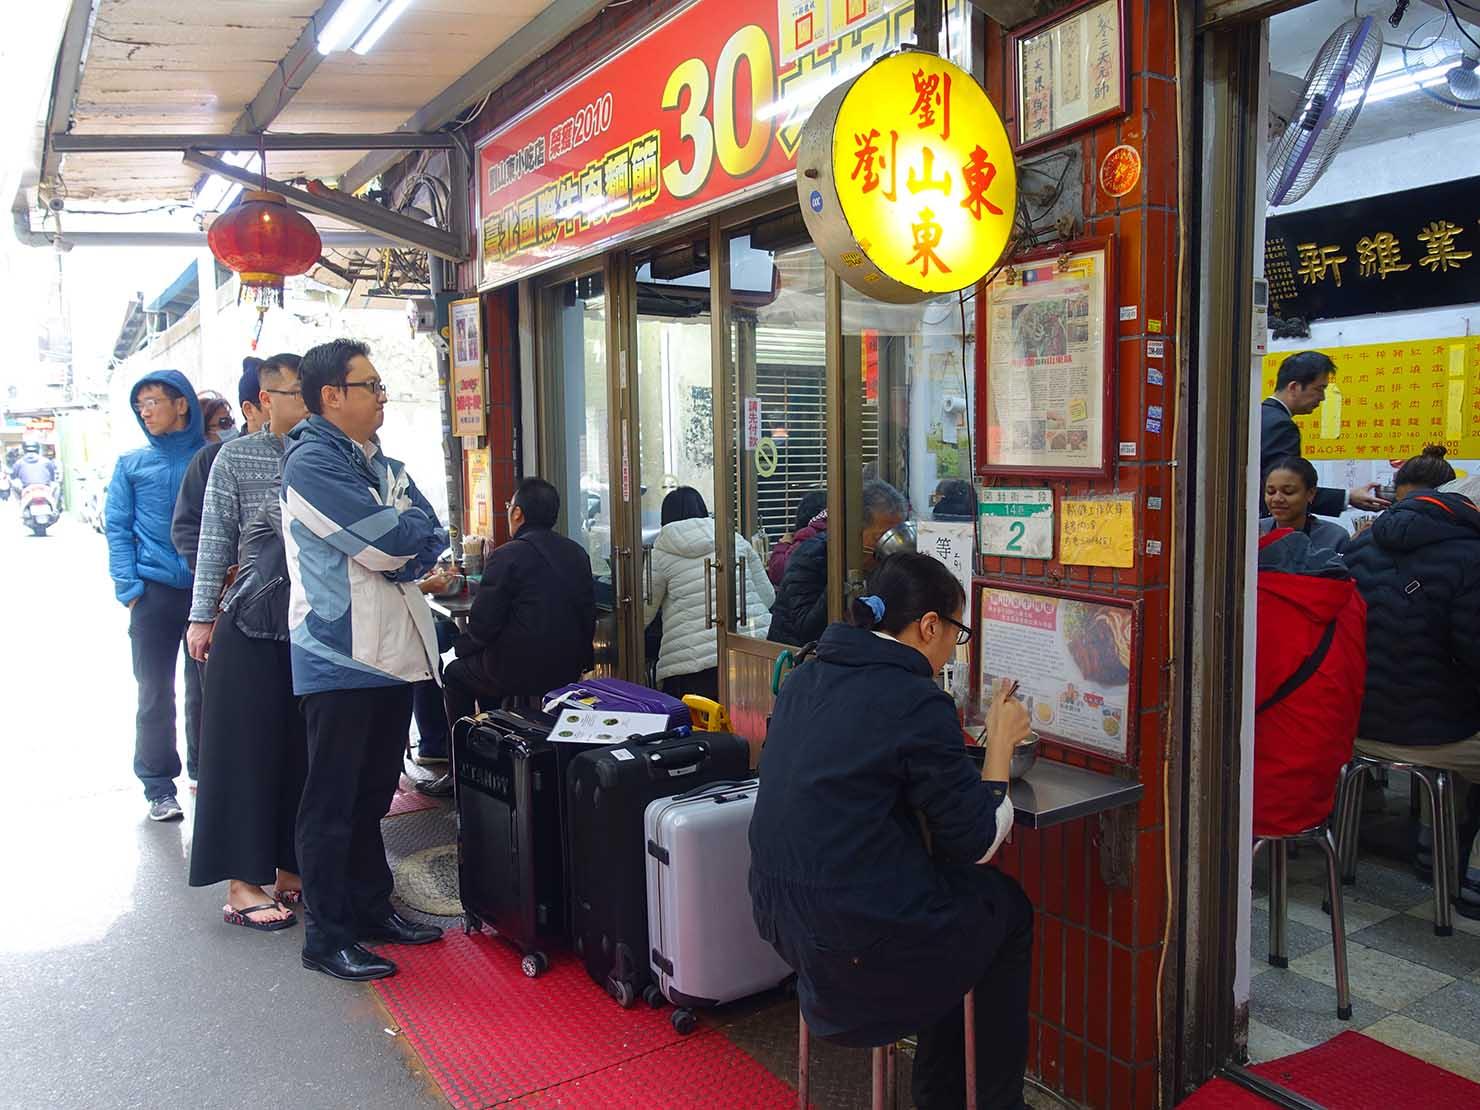 台北駅エリアのおすすめ台湾グルメ店「劉山東牛肉麵」の外観